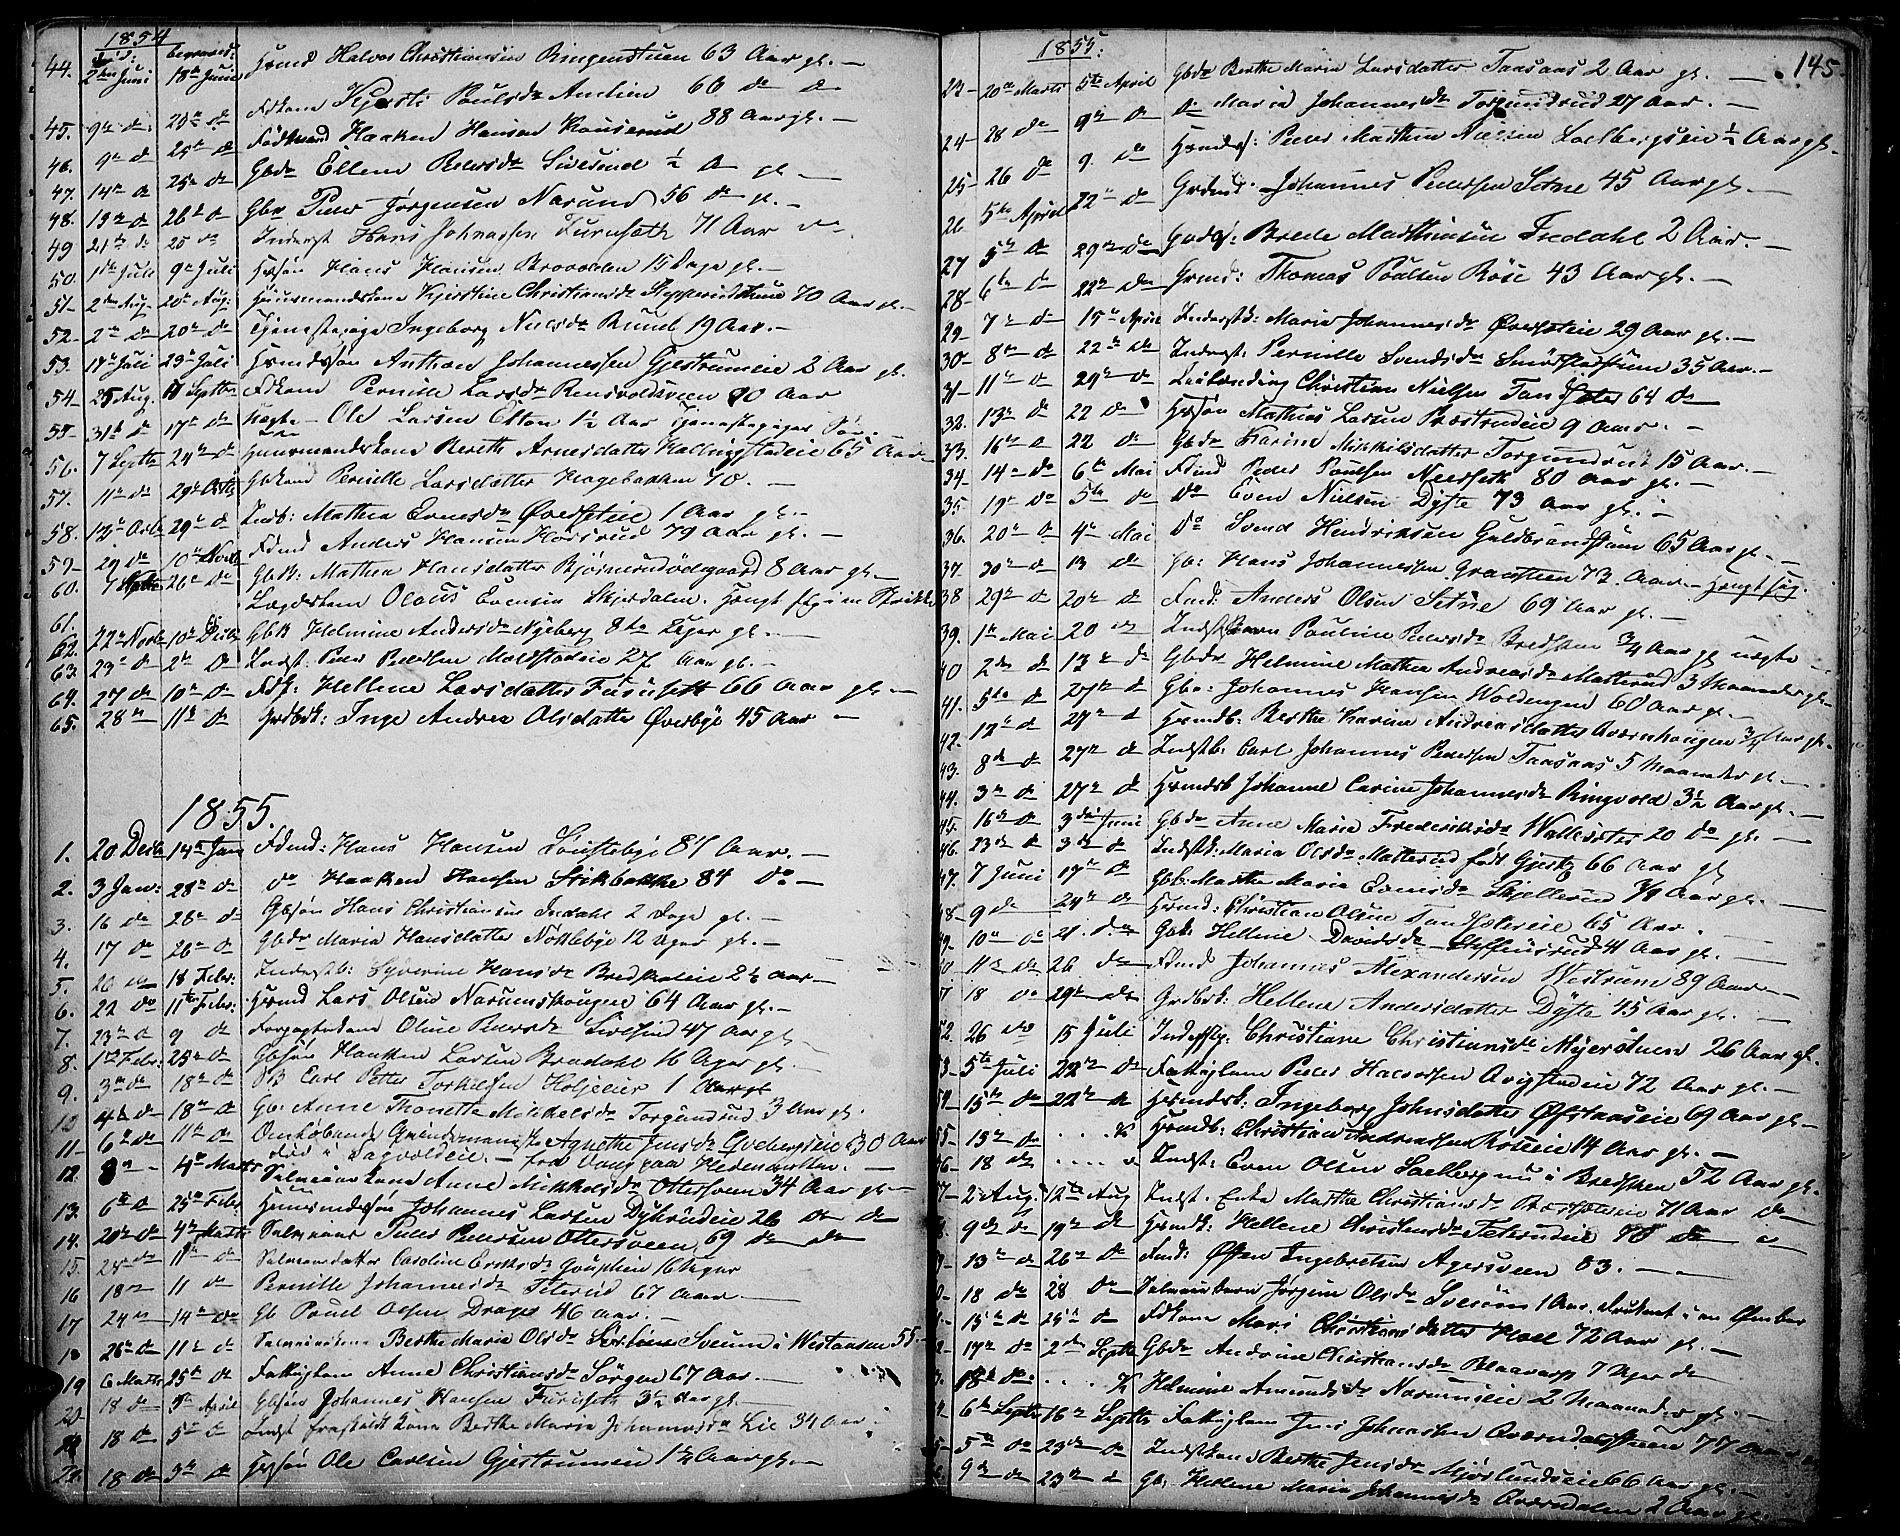 SAH, Vestre Toten prestekontor, H/Ha/Hab/L0005: Klokkerbok nr. 5, 1854-1870, s. 145